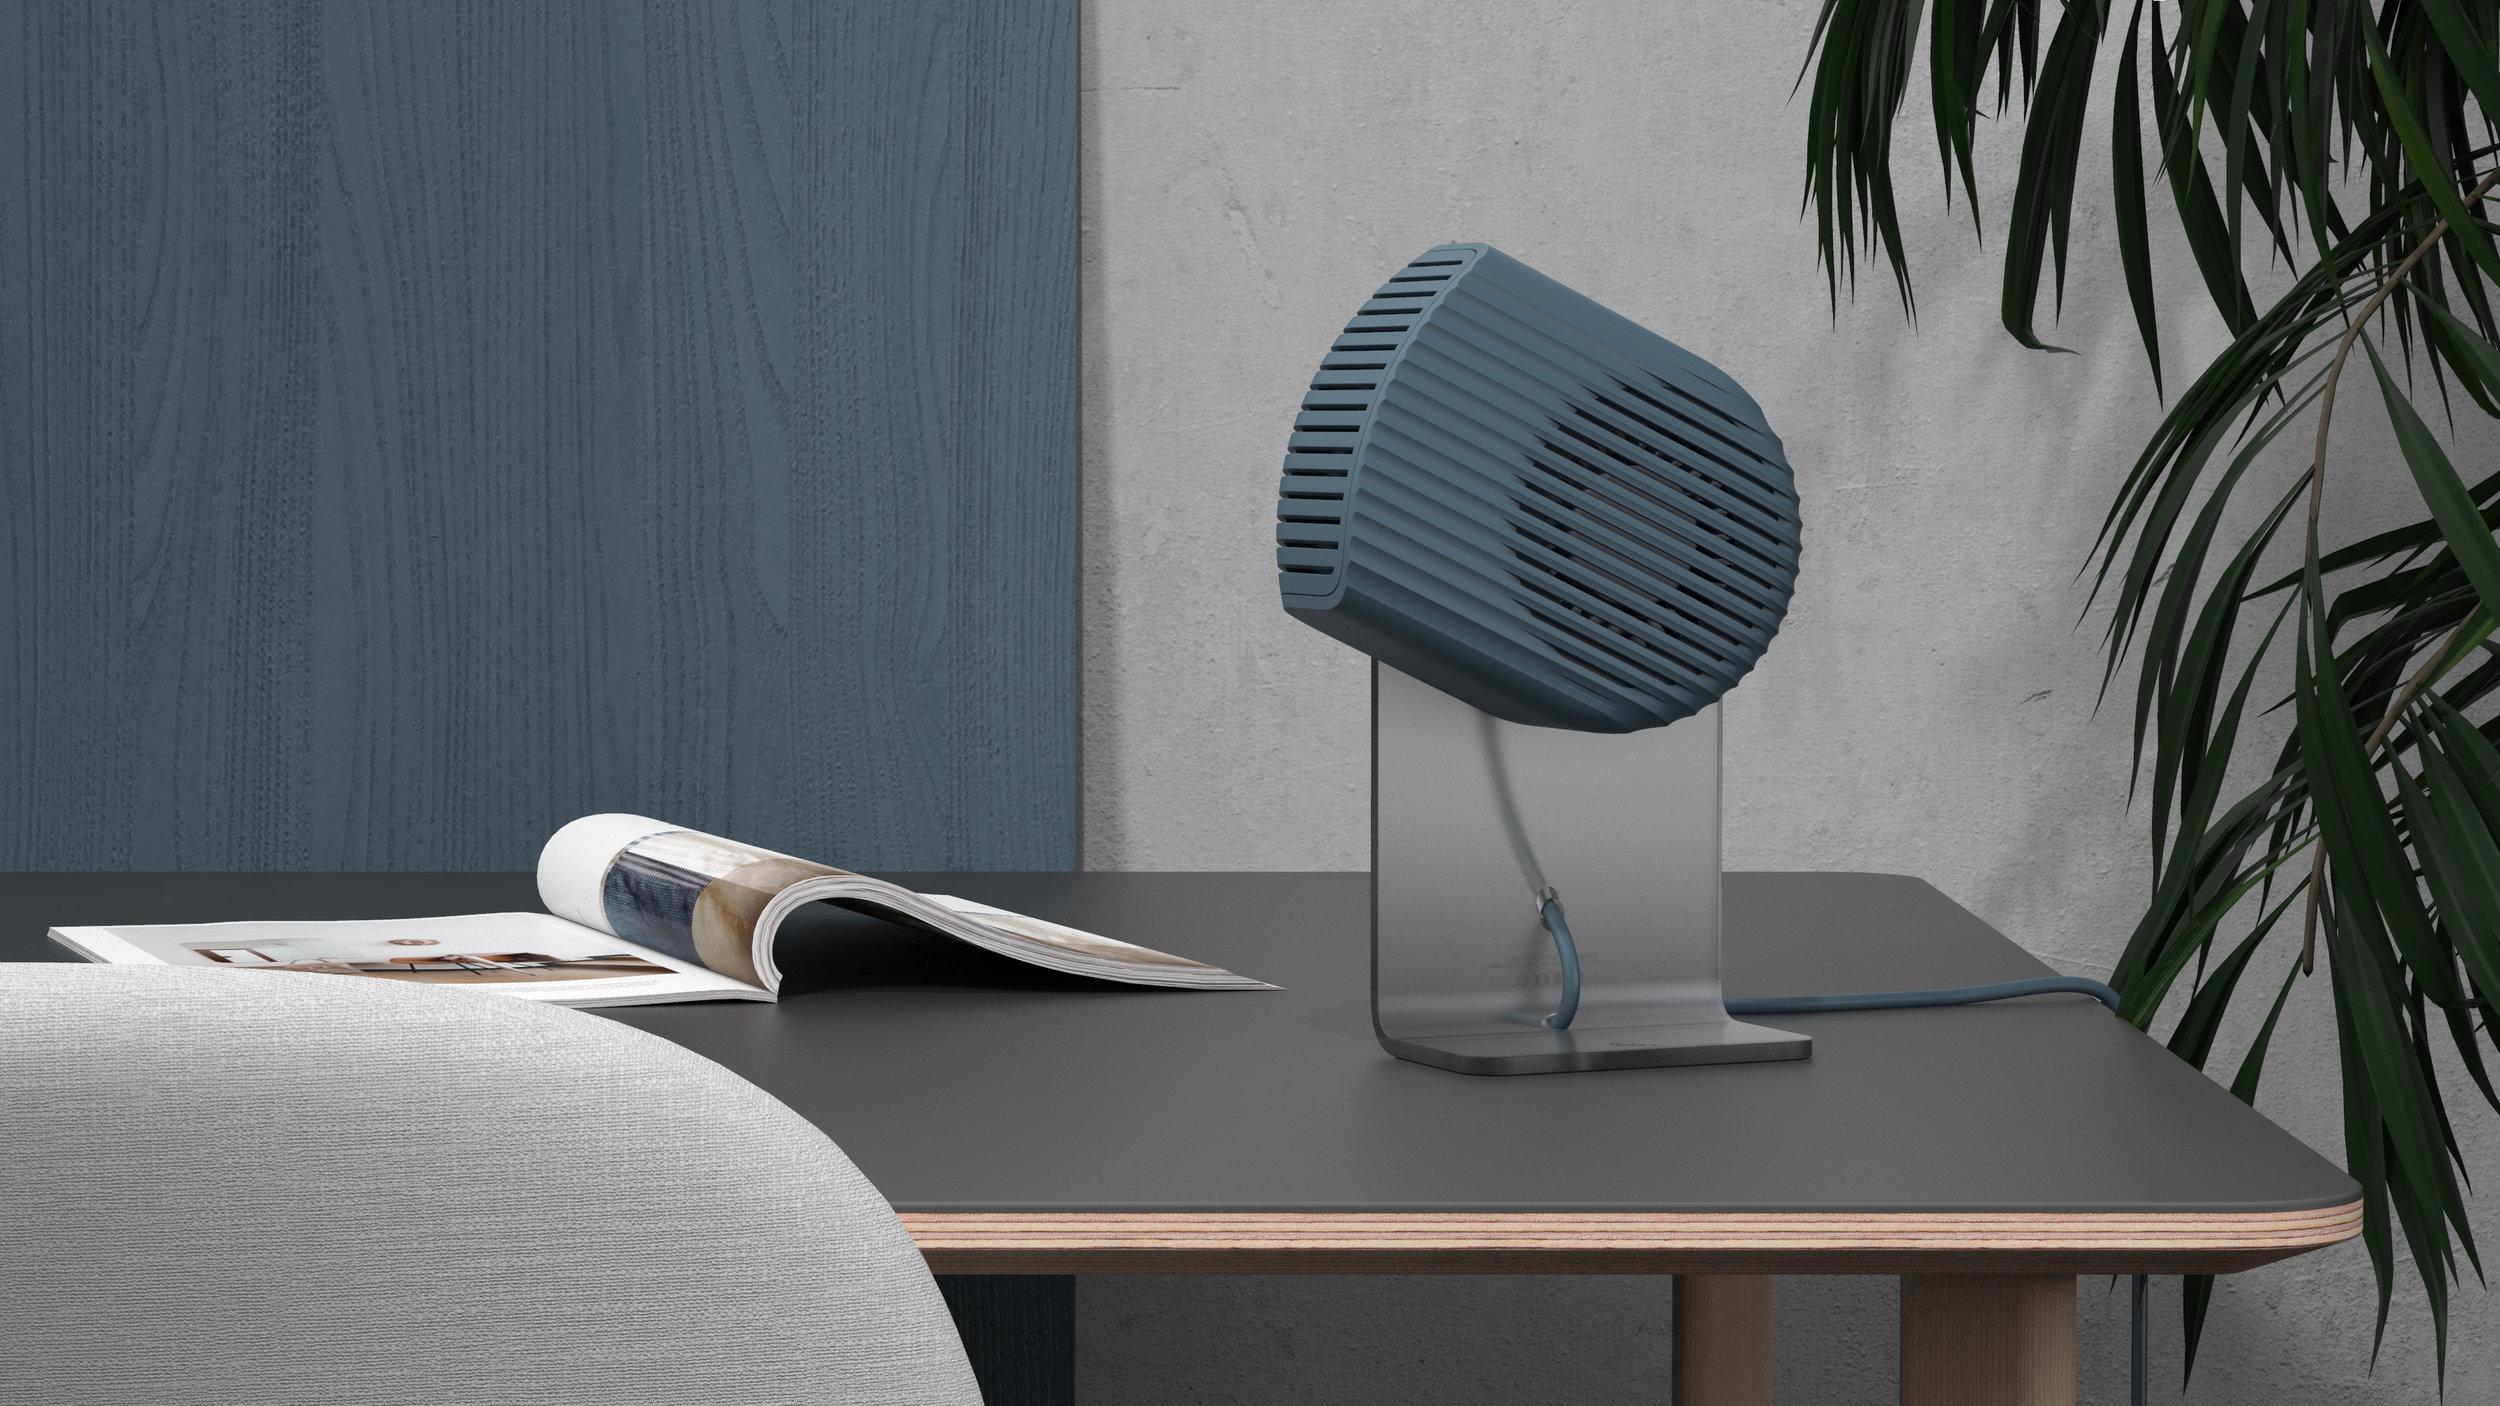 Flo Desk Fan Studio Elk